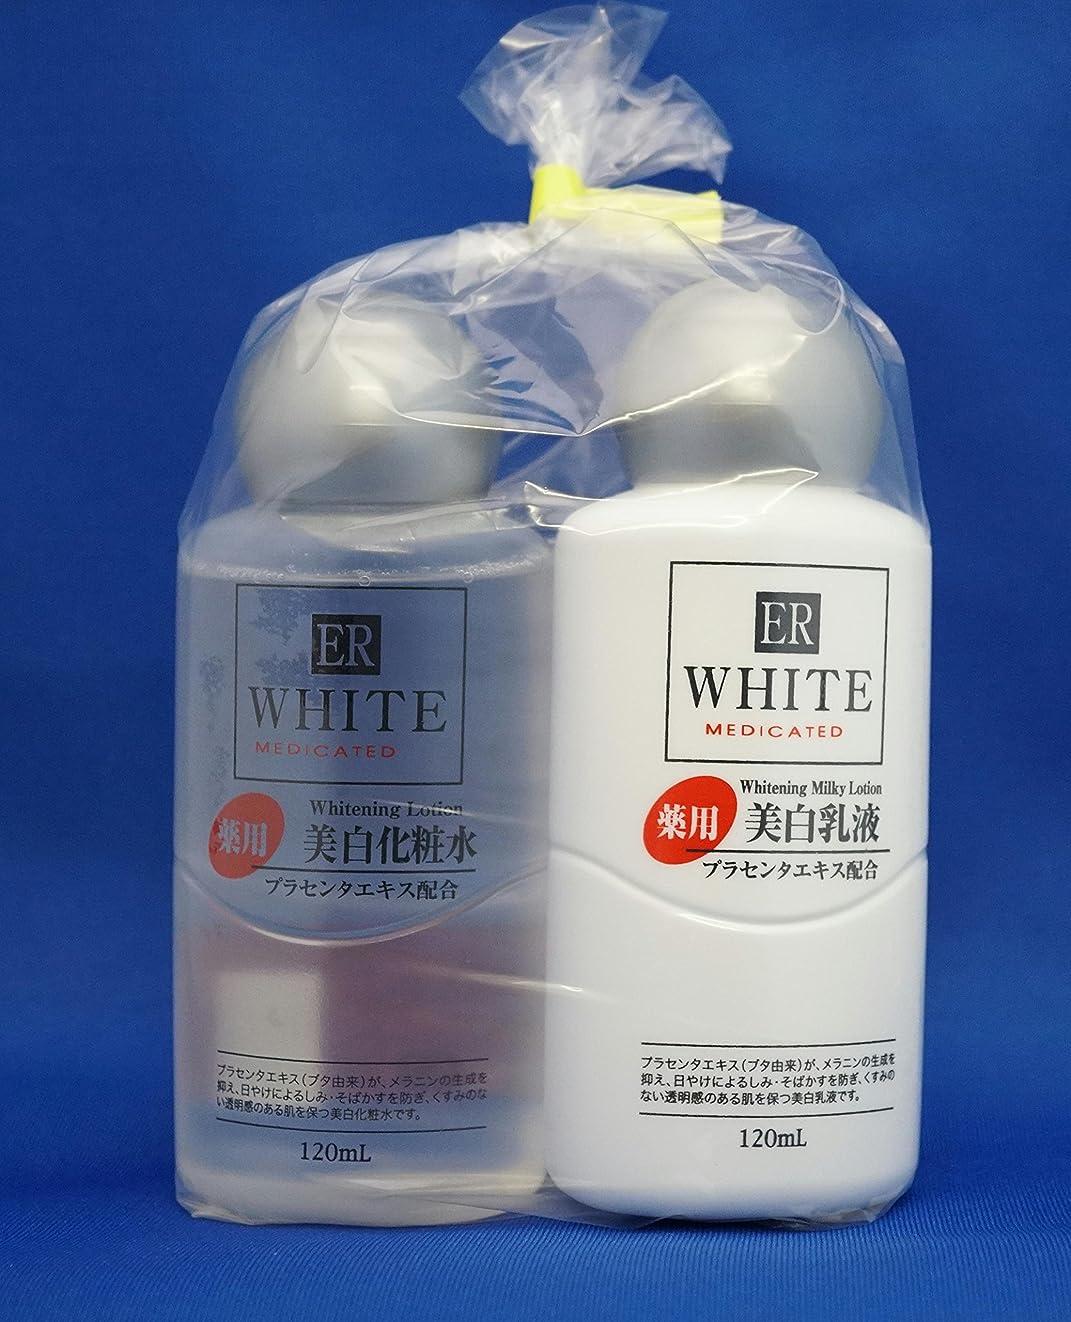 スナップさびたウェイトレス2個セット ダイソー ER コスモ ホワイトニング ミルクV(薬用美白乳液) と ER ホワイトニングローションV(薬用美白化粧水)